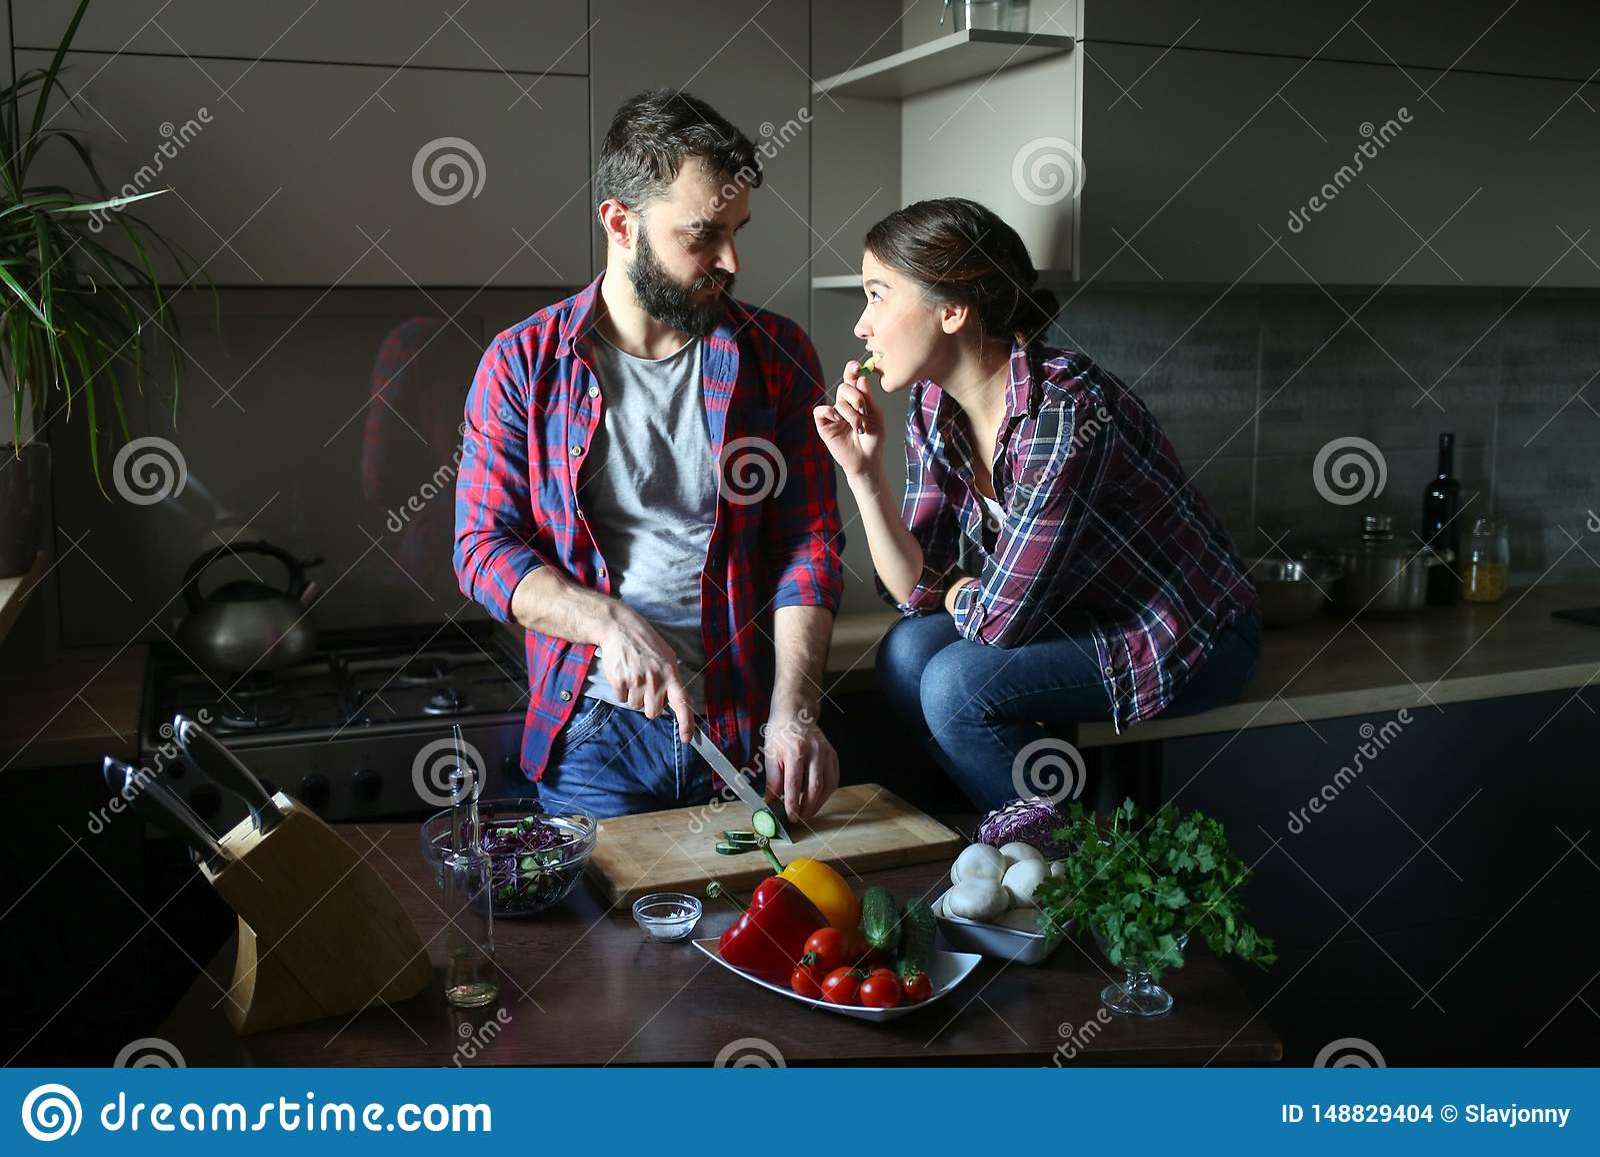 Schne Junge Paare In Der Kche Zu Hause Beim Kochen Der Gesunden Nahrung Mann Ist Schnittsalat ...